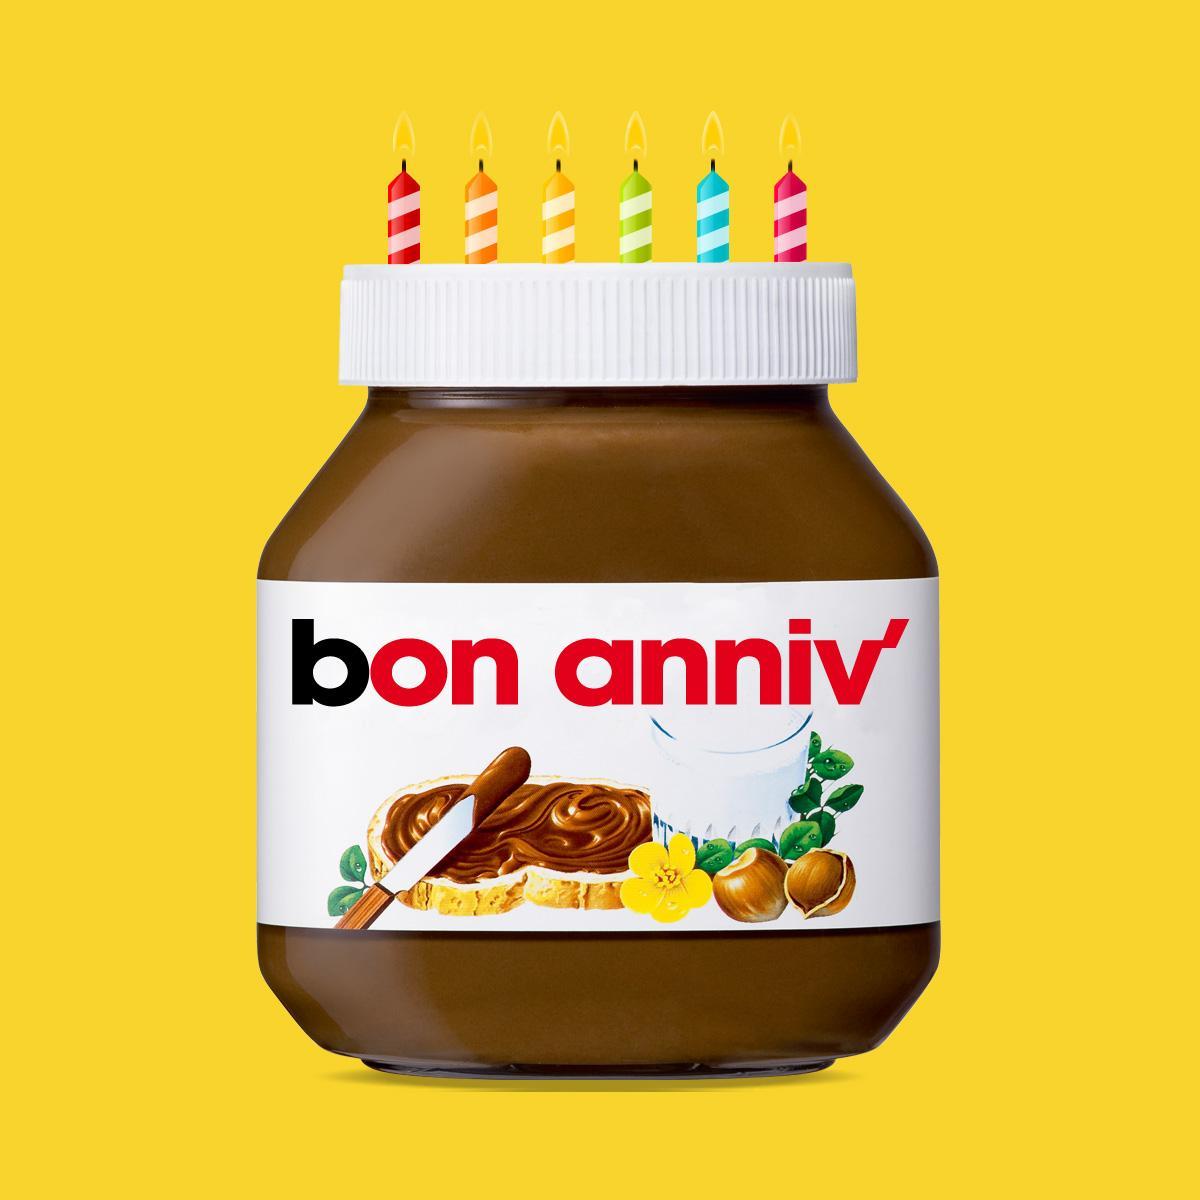 Carte Anniversaire Nutella.Nutella France On Twitter 1 Ne Pas Avoir De Cadeau Ni De